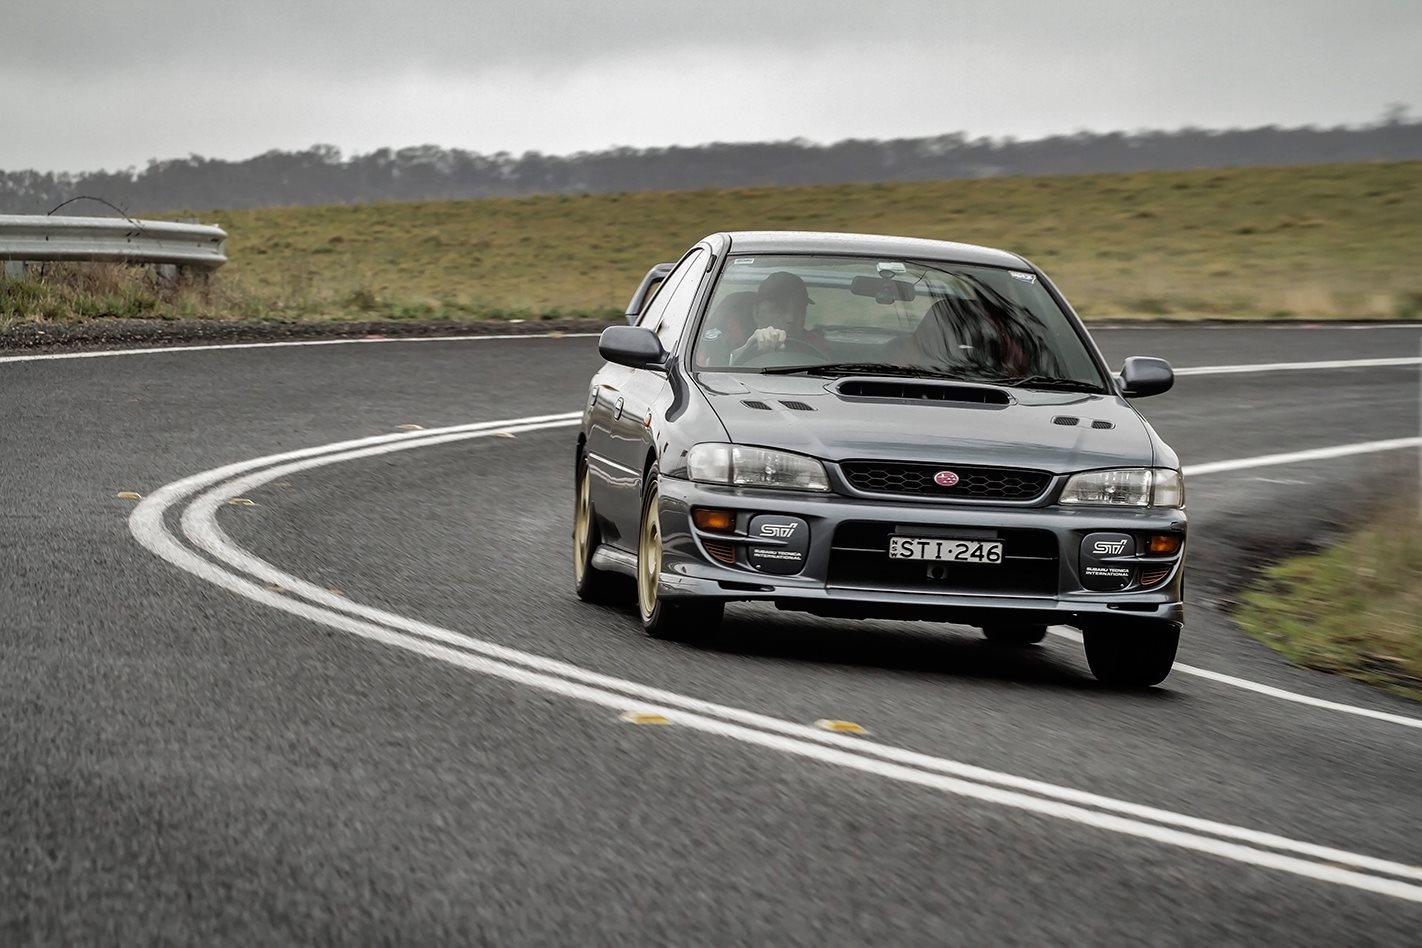 Subaru Wrx Celebration 1st Generation Motor